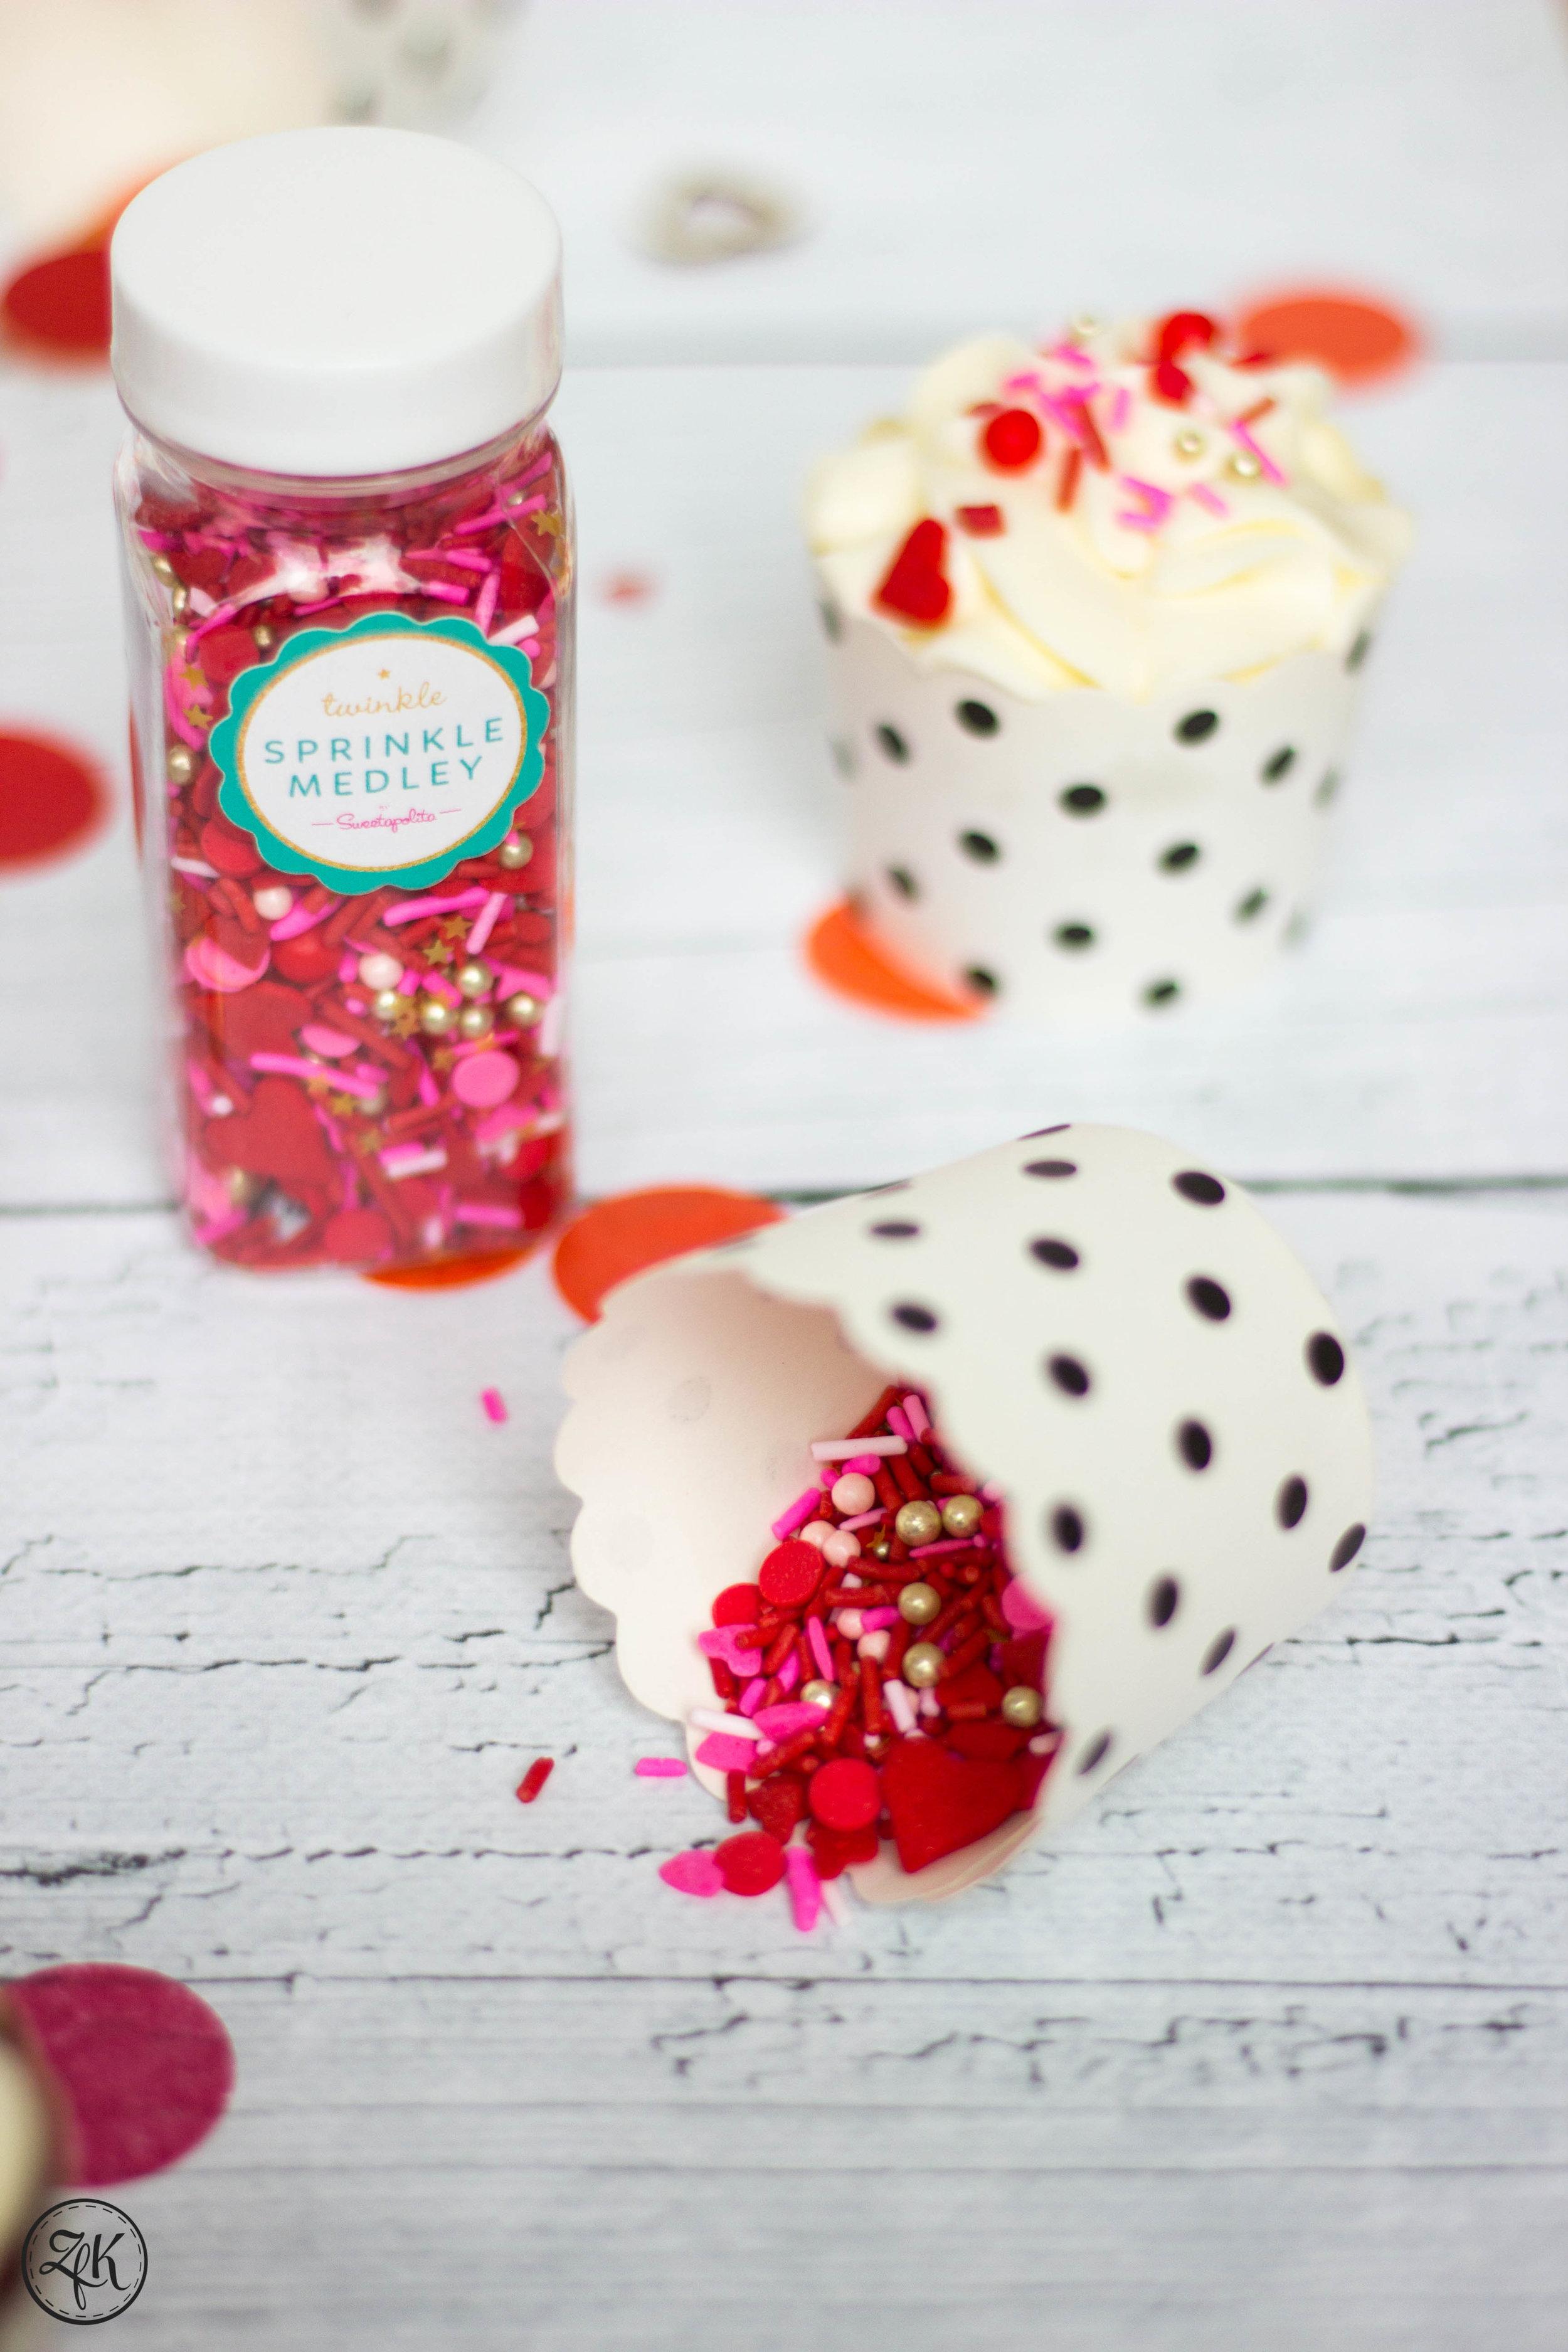 ZfK_Red_Velvet_Cupcake_04